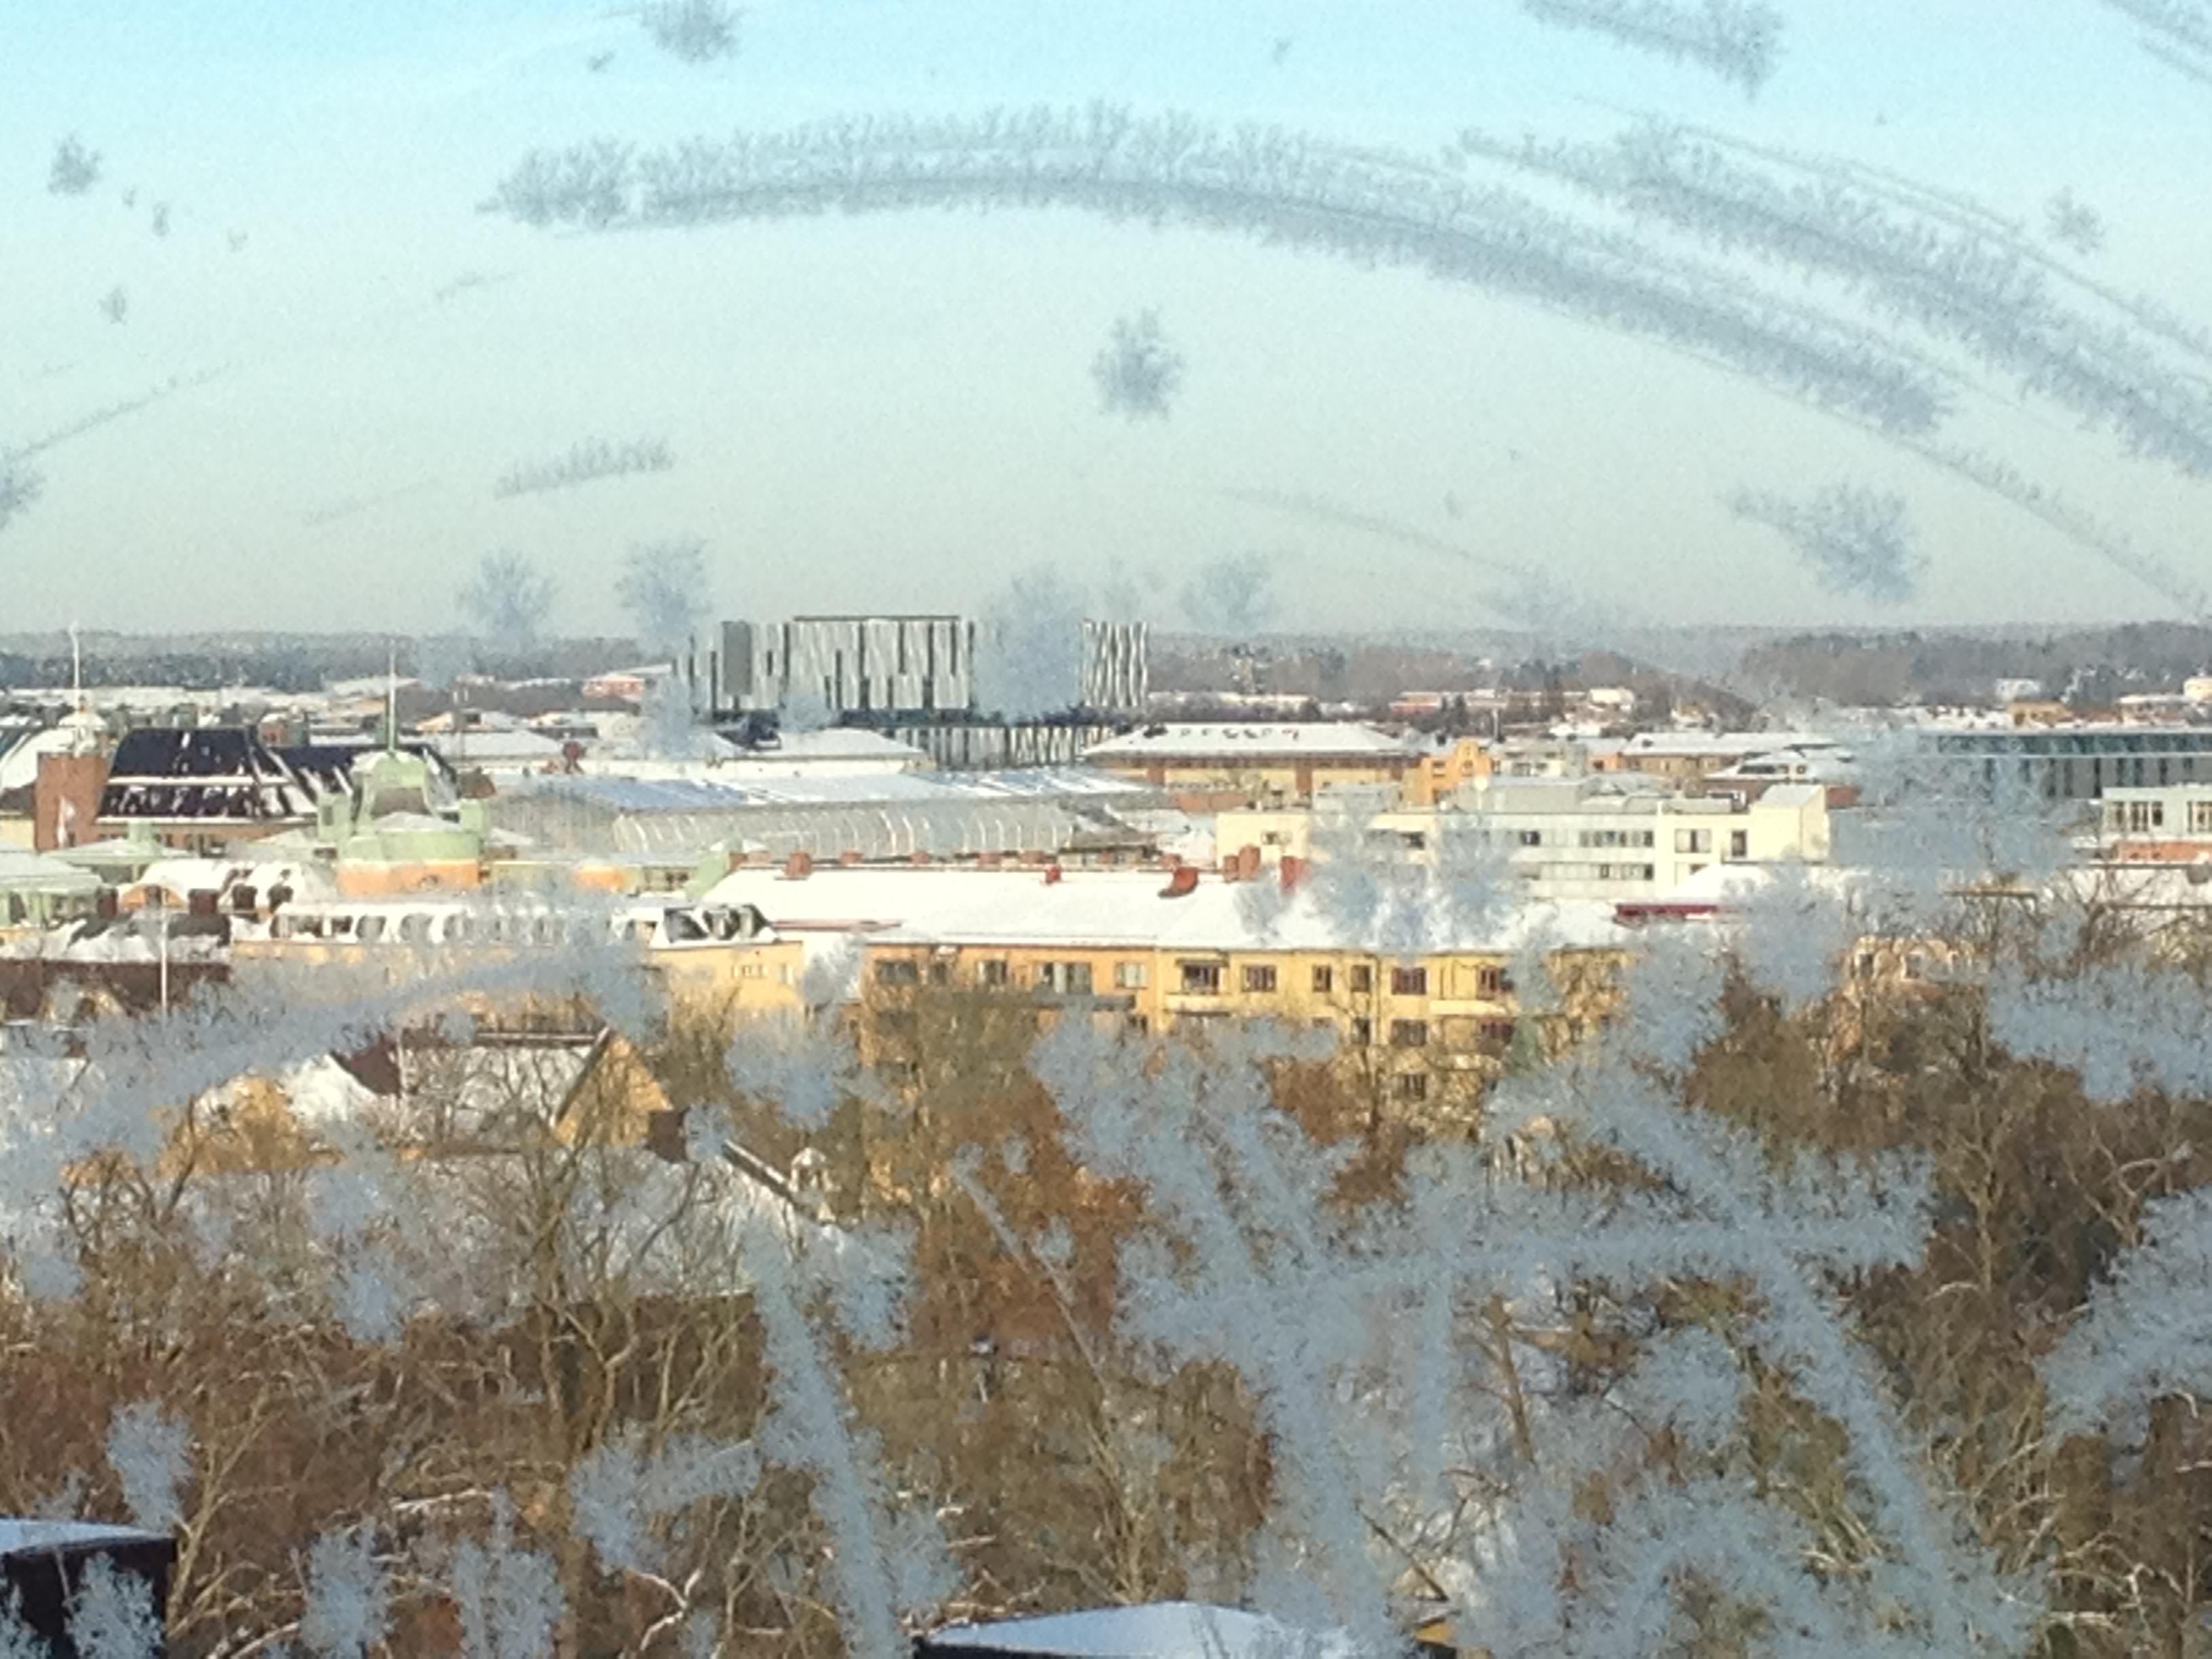 Vacker utsikt över Uppsala från ett patientrum. I fonden anas mitt favoställe i Uppsala - fina Uppsala Konsert & Kongress.